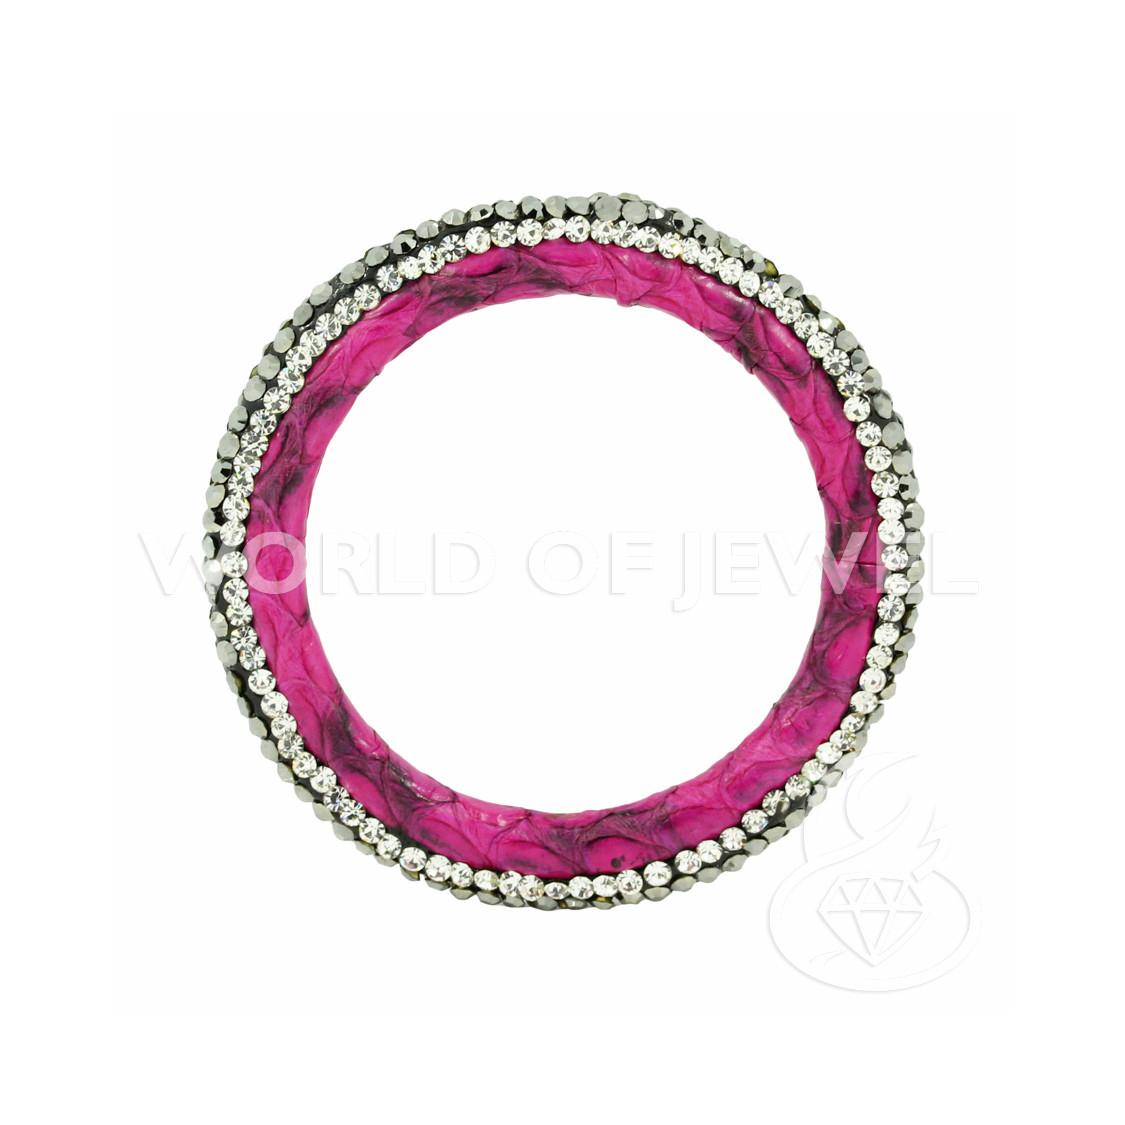 Perle di Fiume Tondo 6,0-6,5mm A+ Lilla Rigato